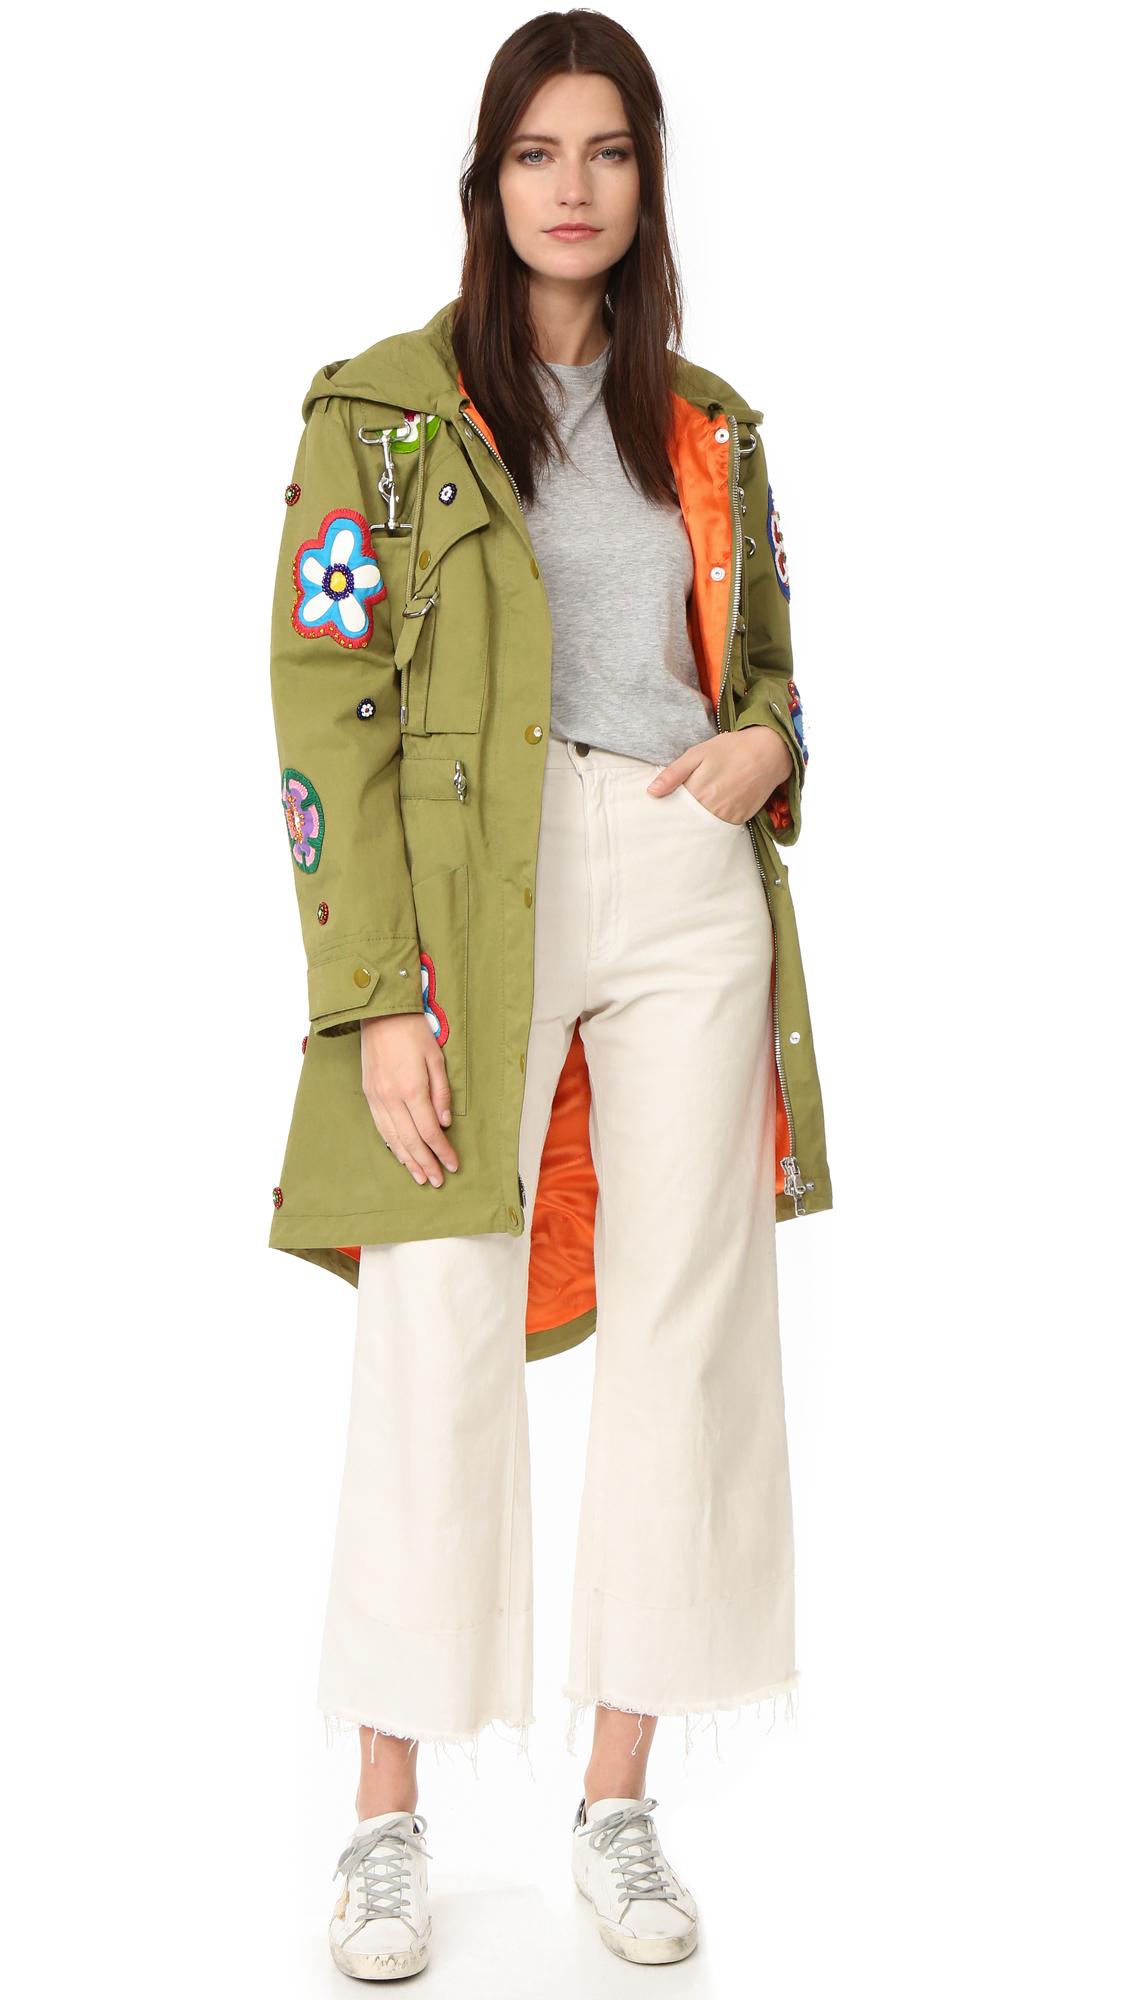 Moschino Long Jacket - Fantasy Print Green at Shopbop